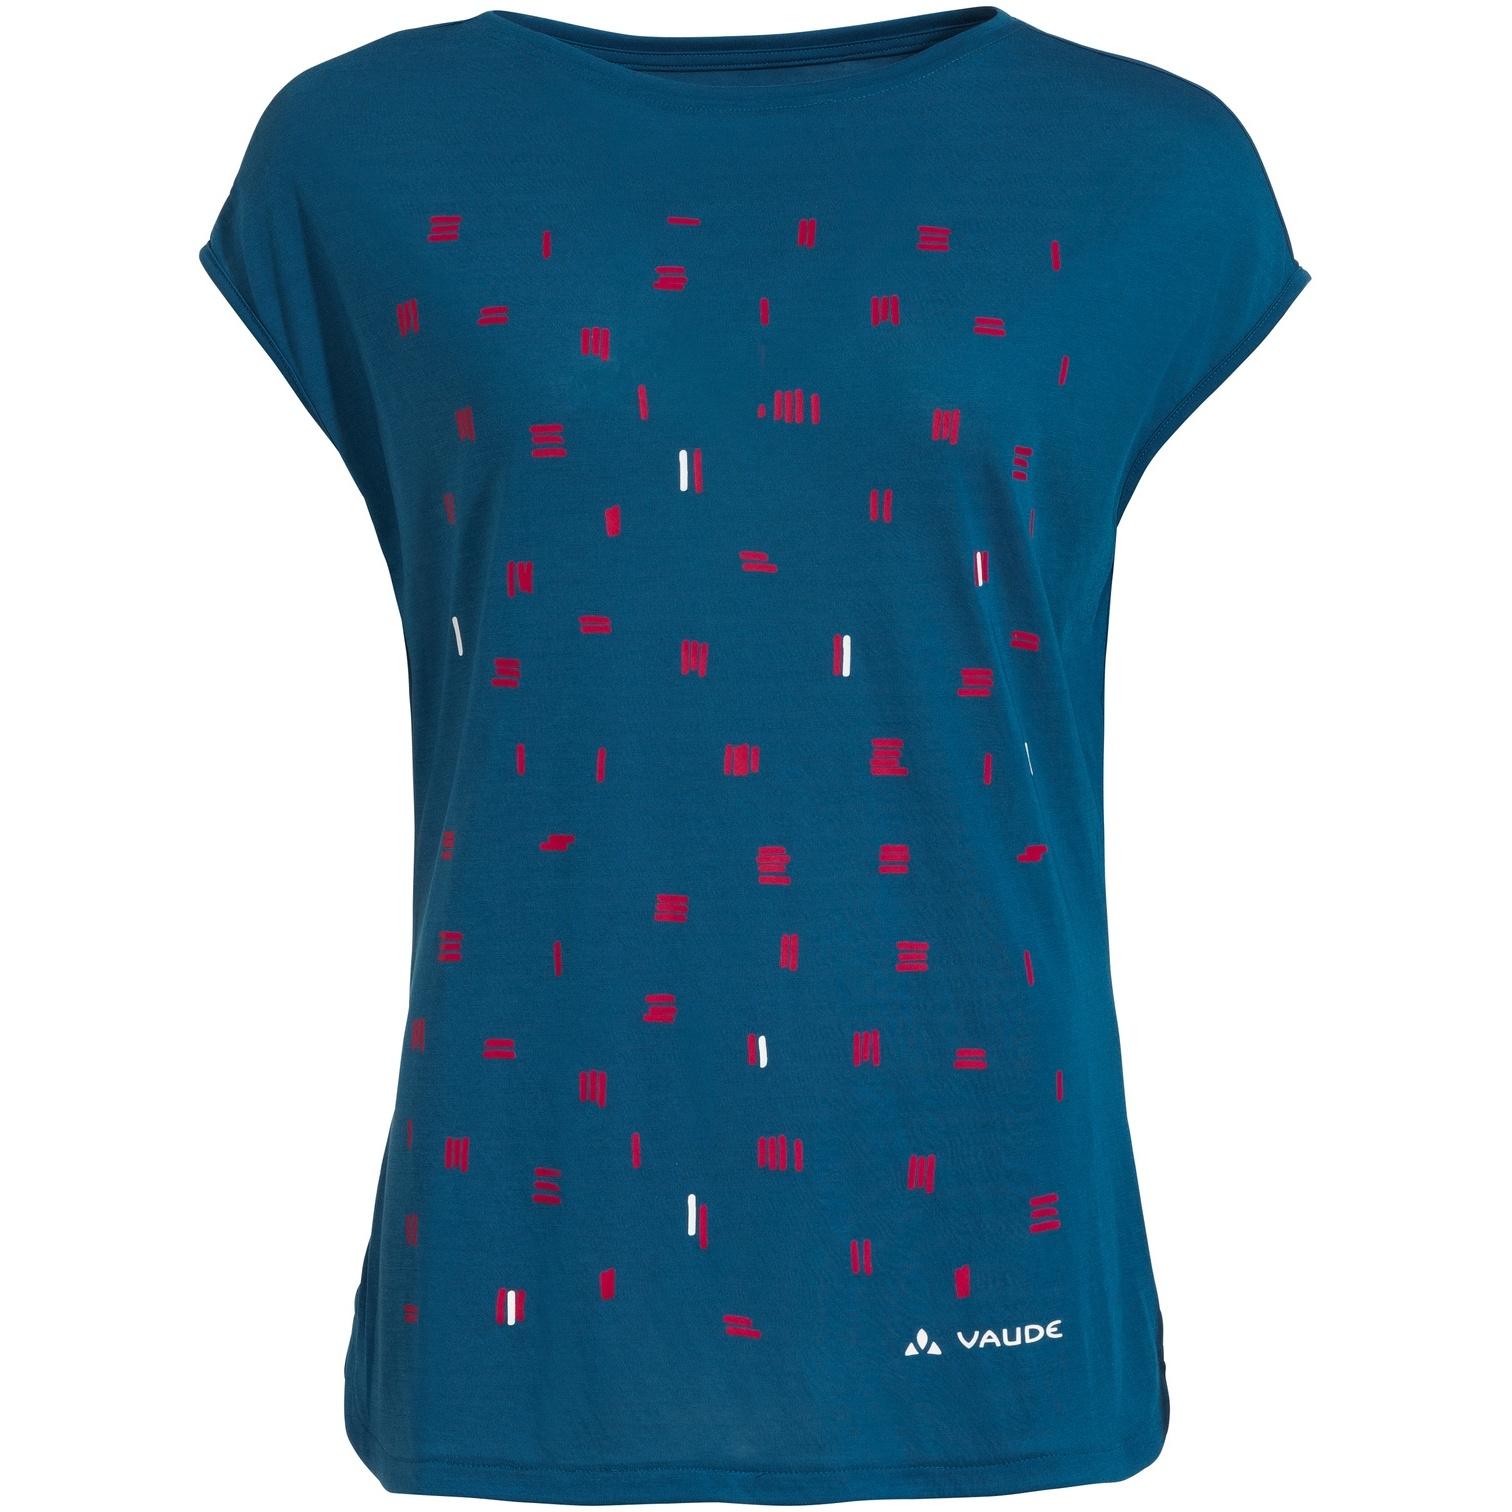 Vaude Tekoa Damen T-Shirt - kingfisher uni